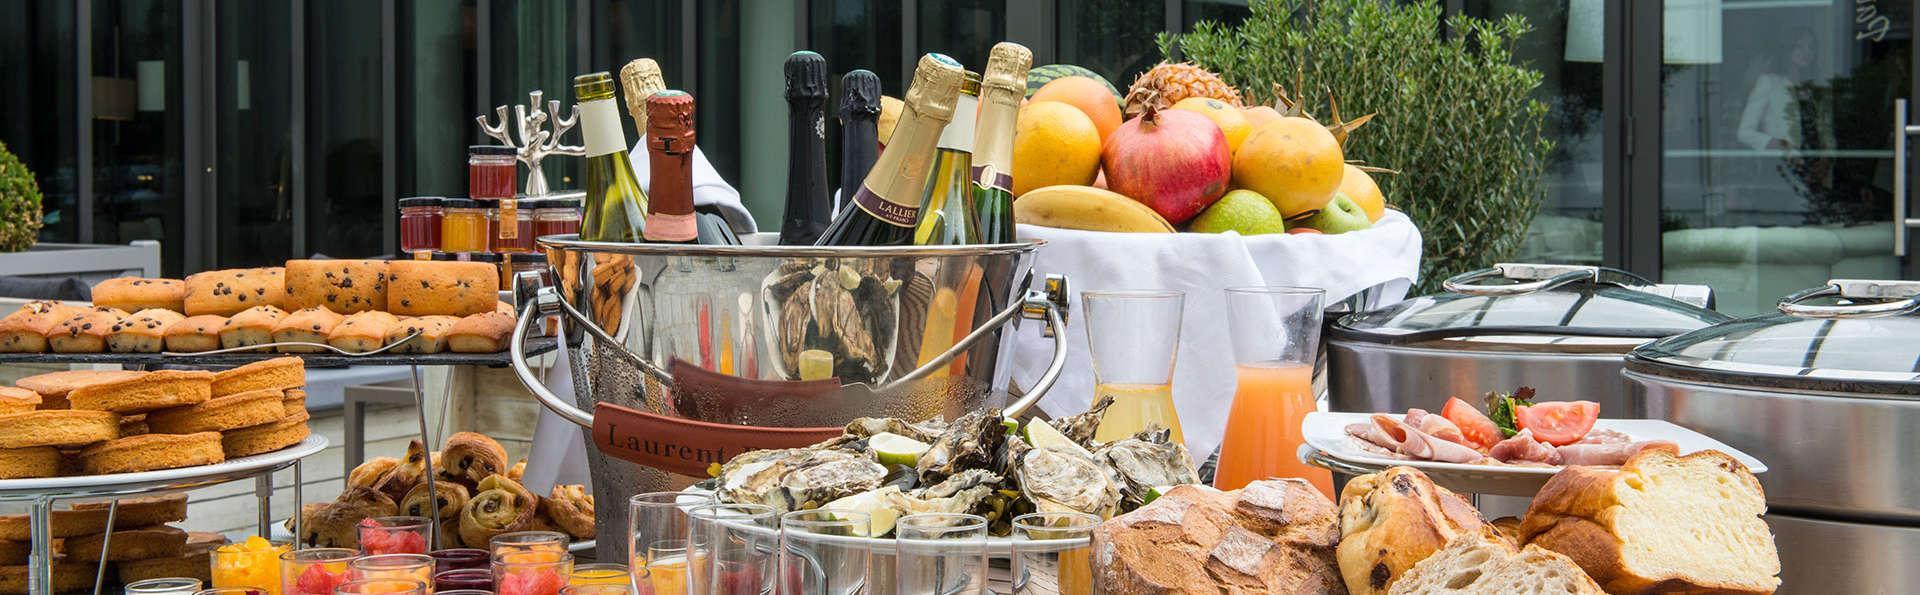 Château des Tourelles Hôtel Thalasso Spa Baie de La Baule - EDIT_breakfast.jpg